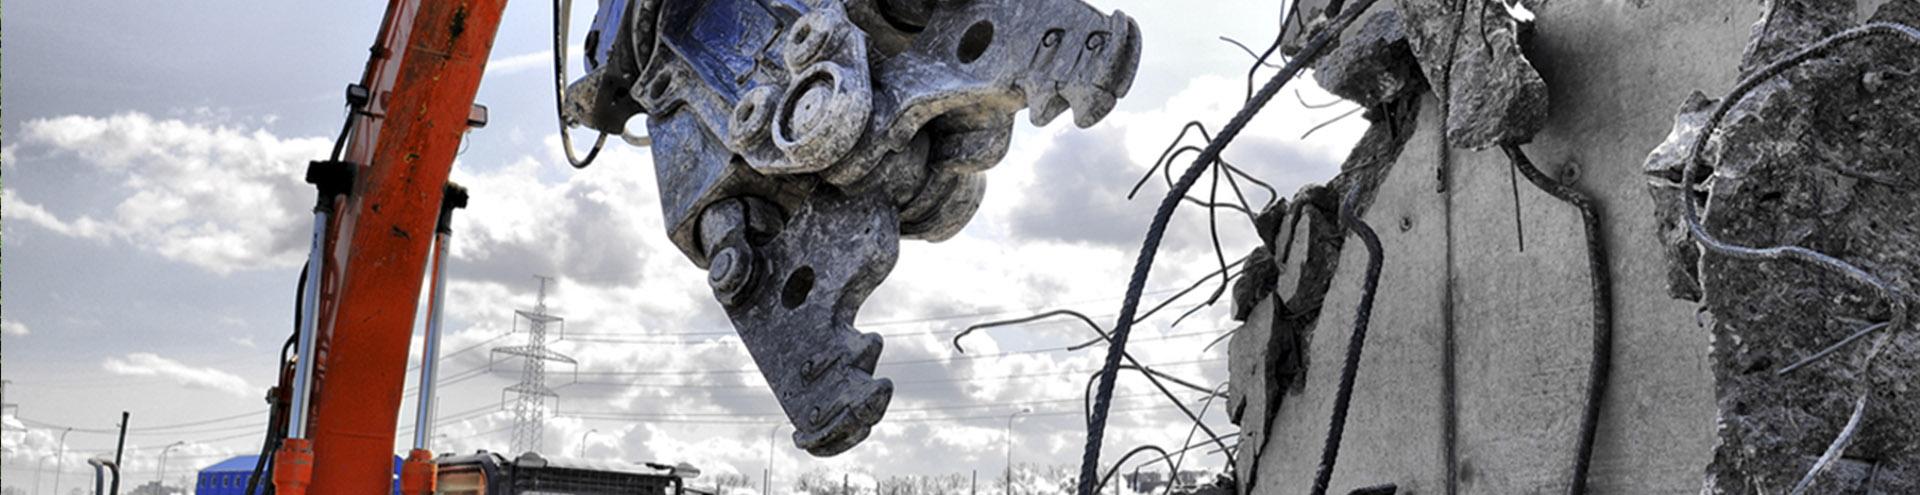 право на самовольную постройку в Рязани